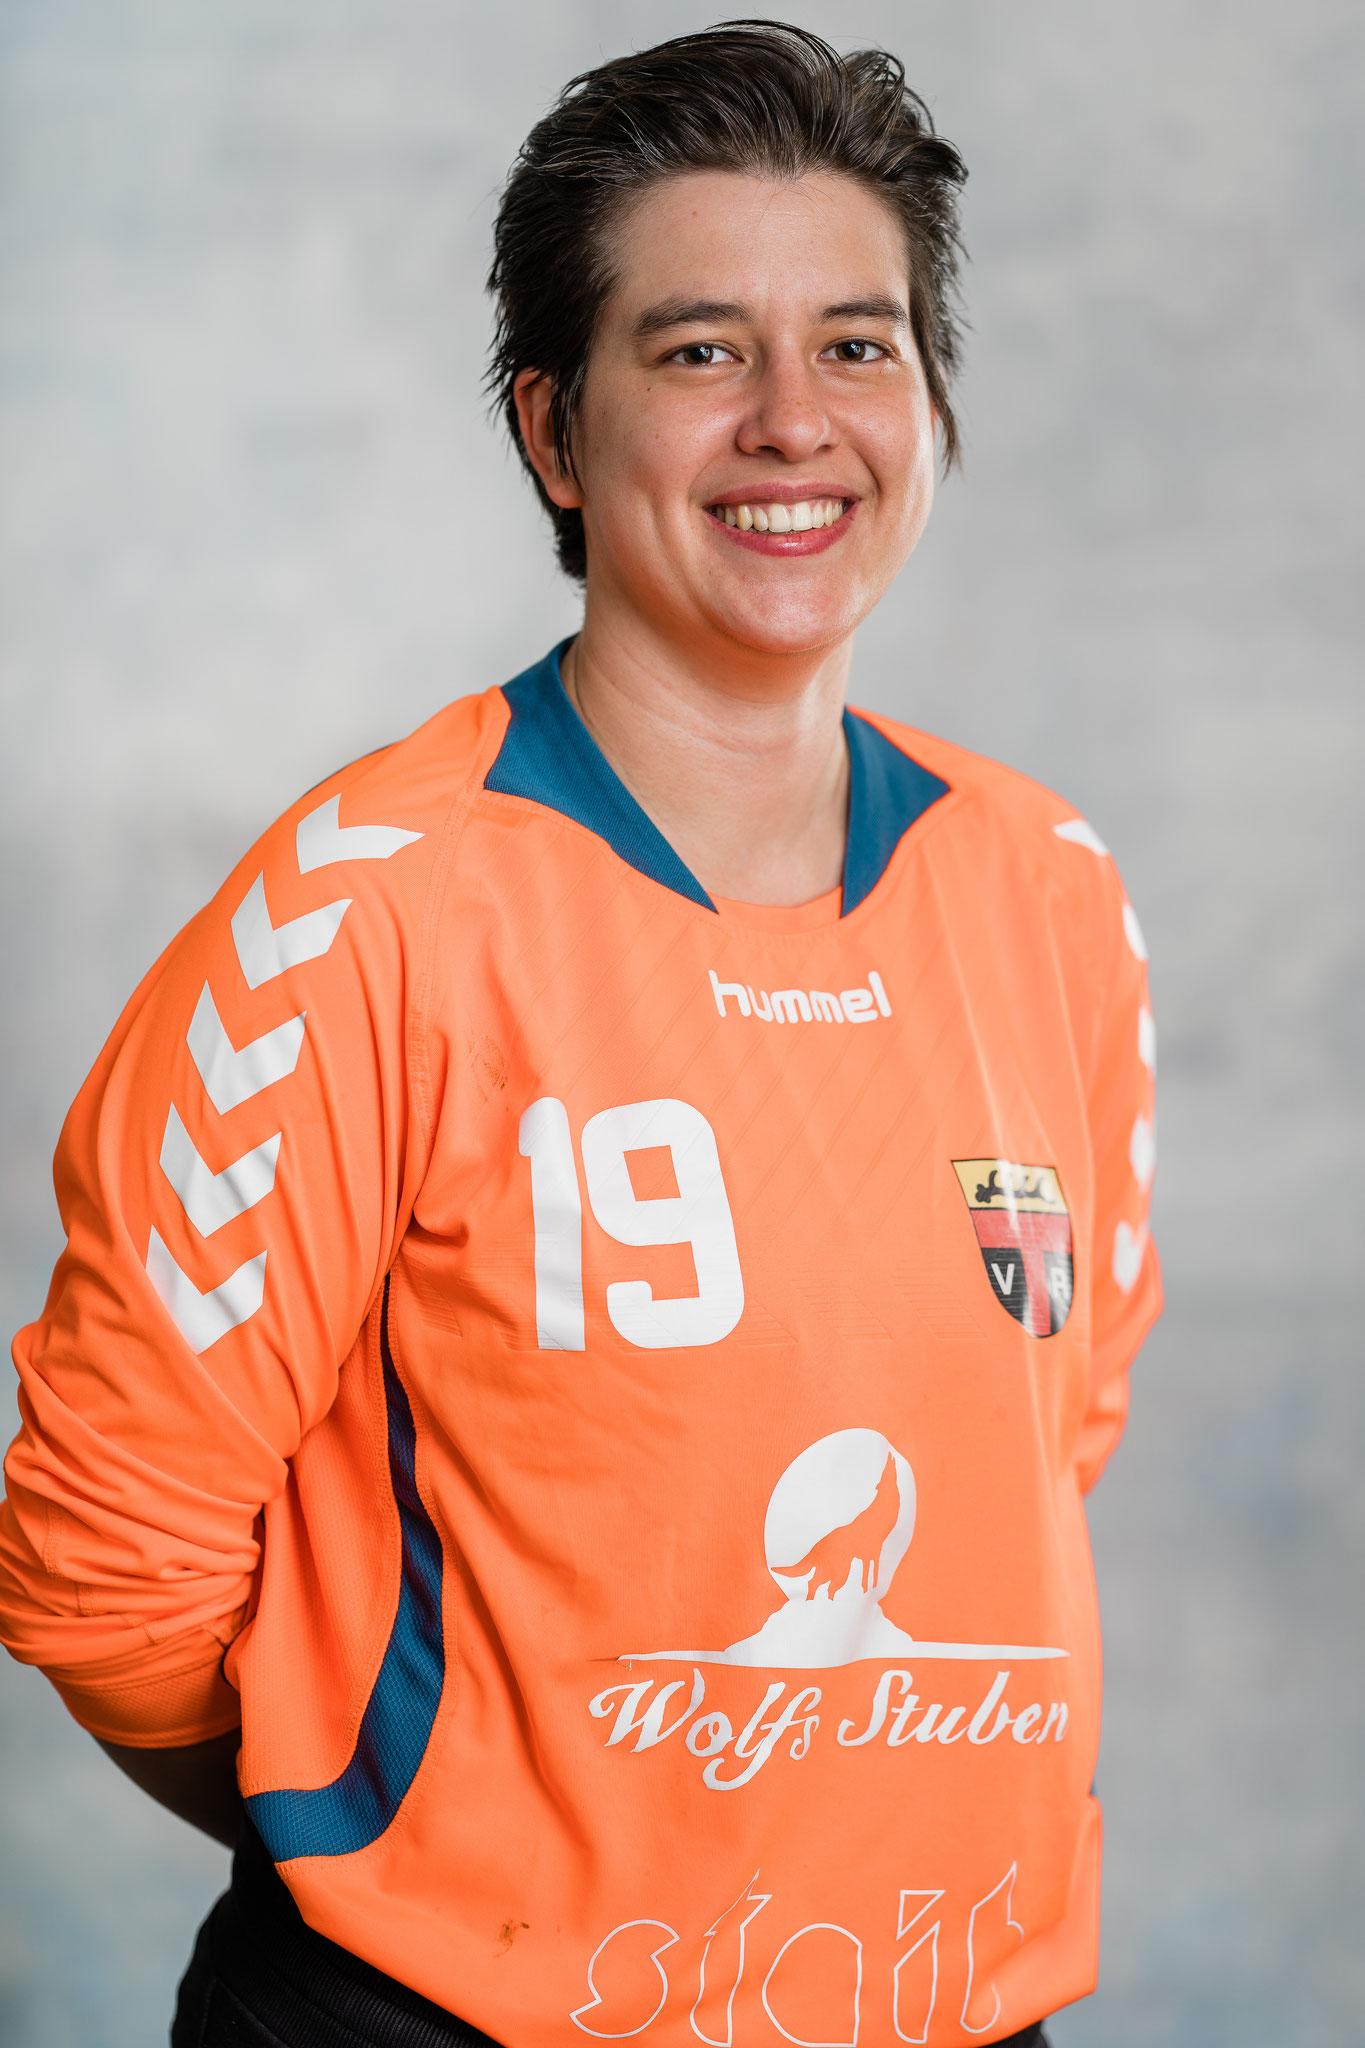 Nadine Graf